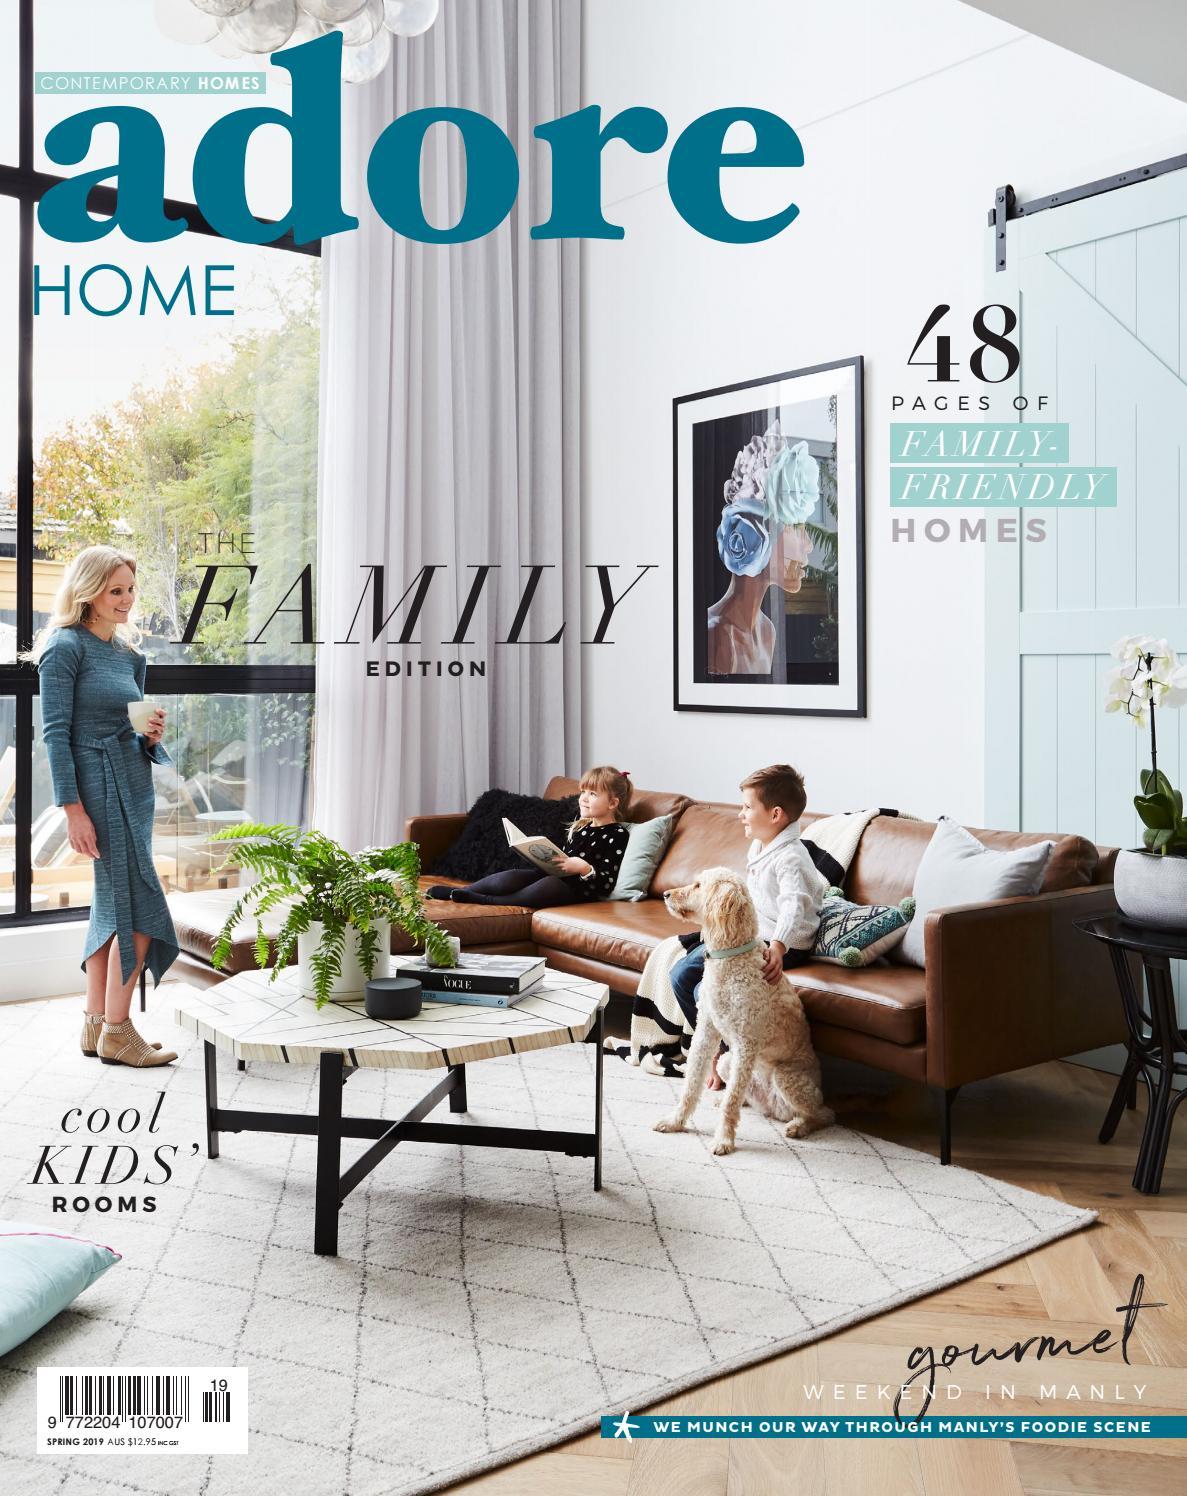 Adore Home Magazine The Family